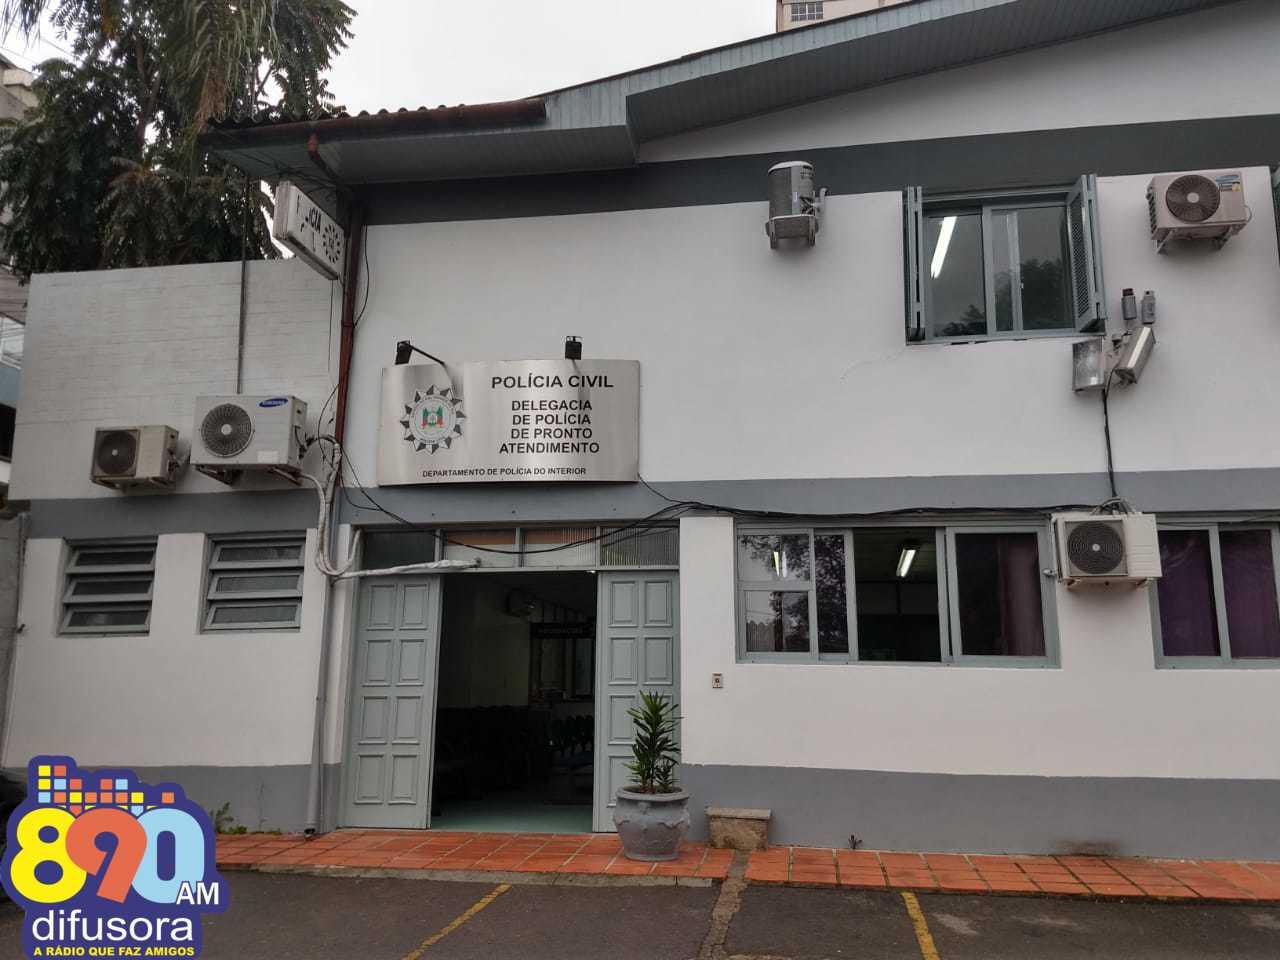 BM atende ocorrência de roubo a residência no bairro São Roque em Bento